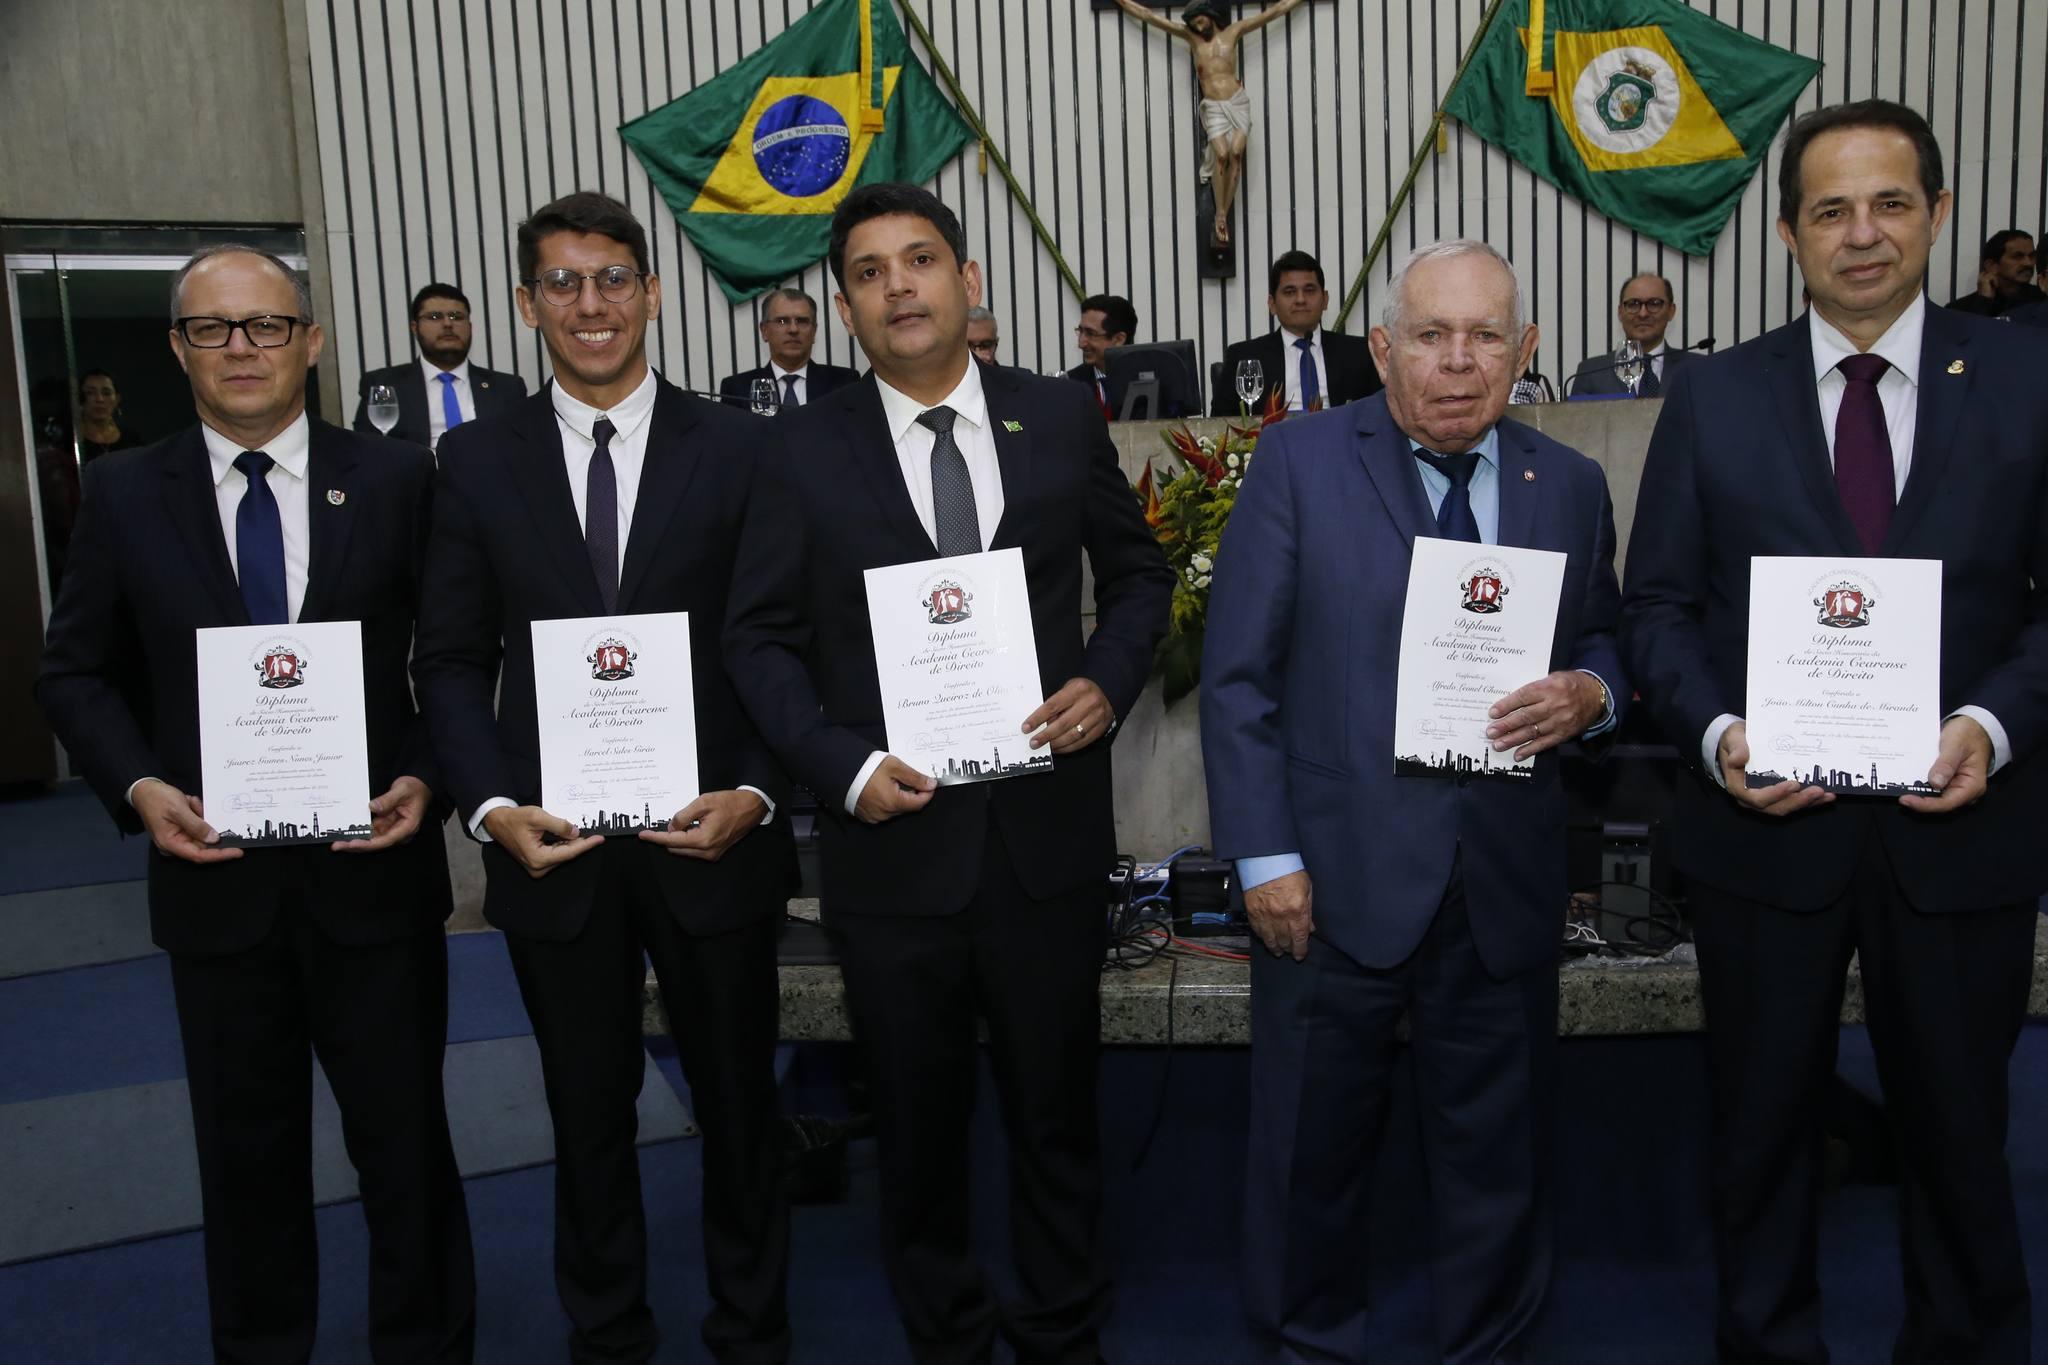 Academia Cearense de Direito ganha homenagem na Assembleia Legislativa do Ceará